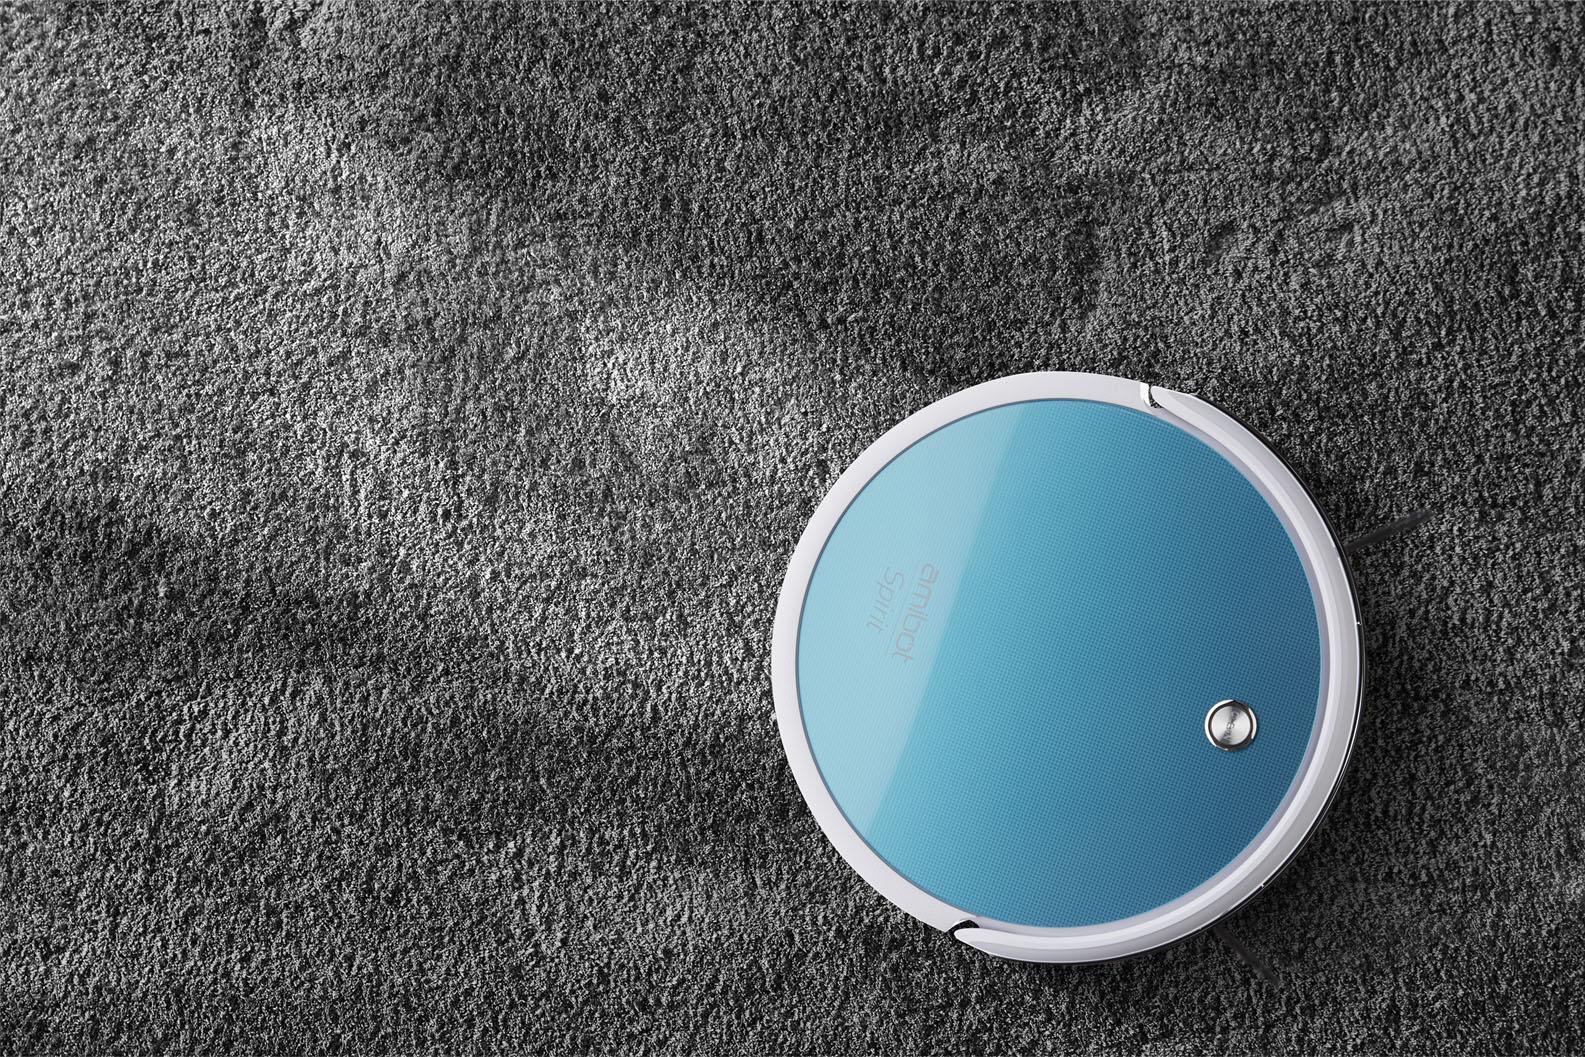 Aspirateur robot et laveur AMIBOT Spirit moquette tapis